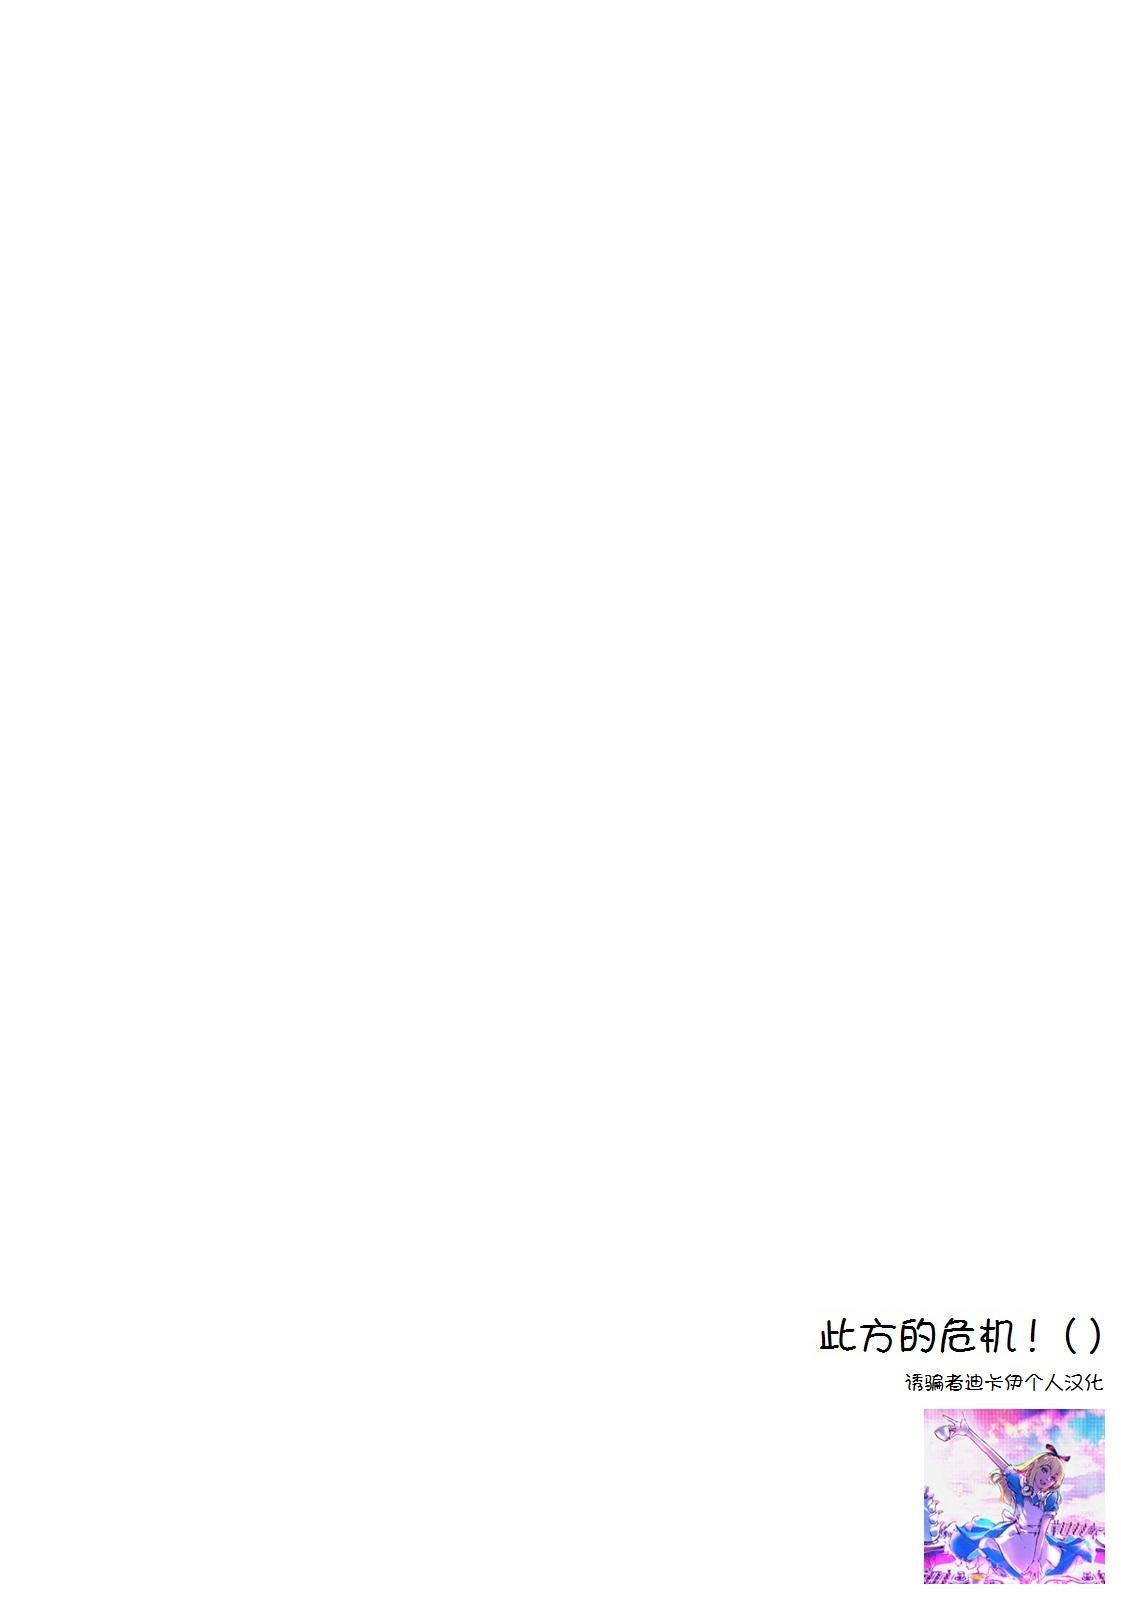 Konata-san Pinch! 1